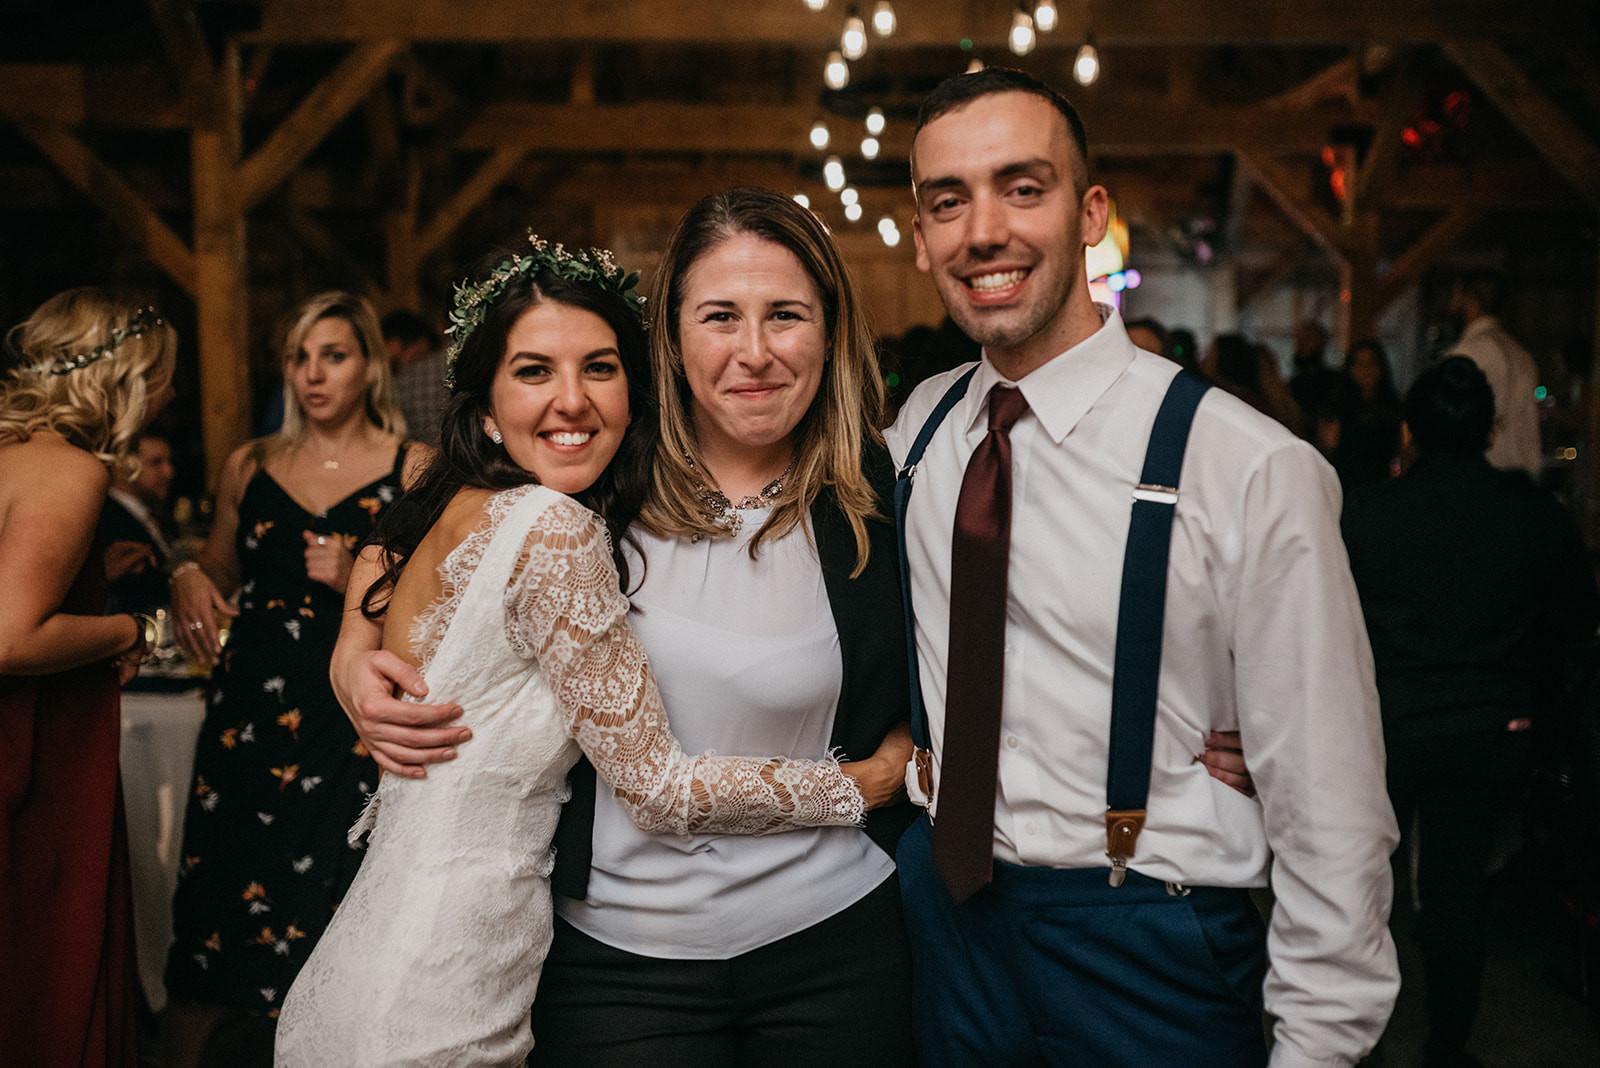 Greywacke meadows wedding planner, troy ny wedding planner